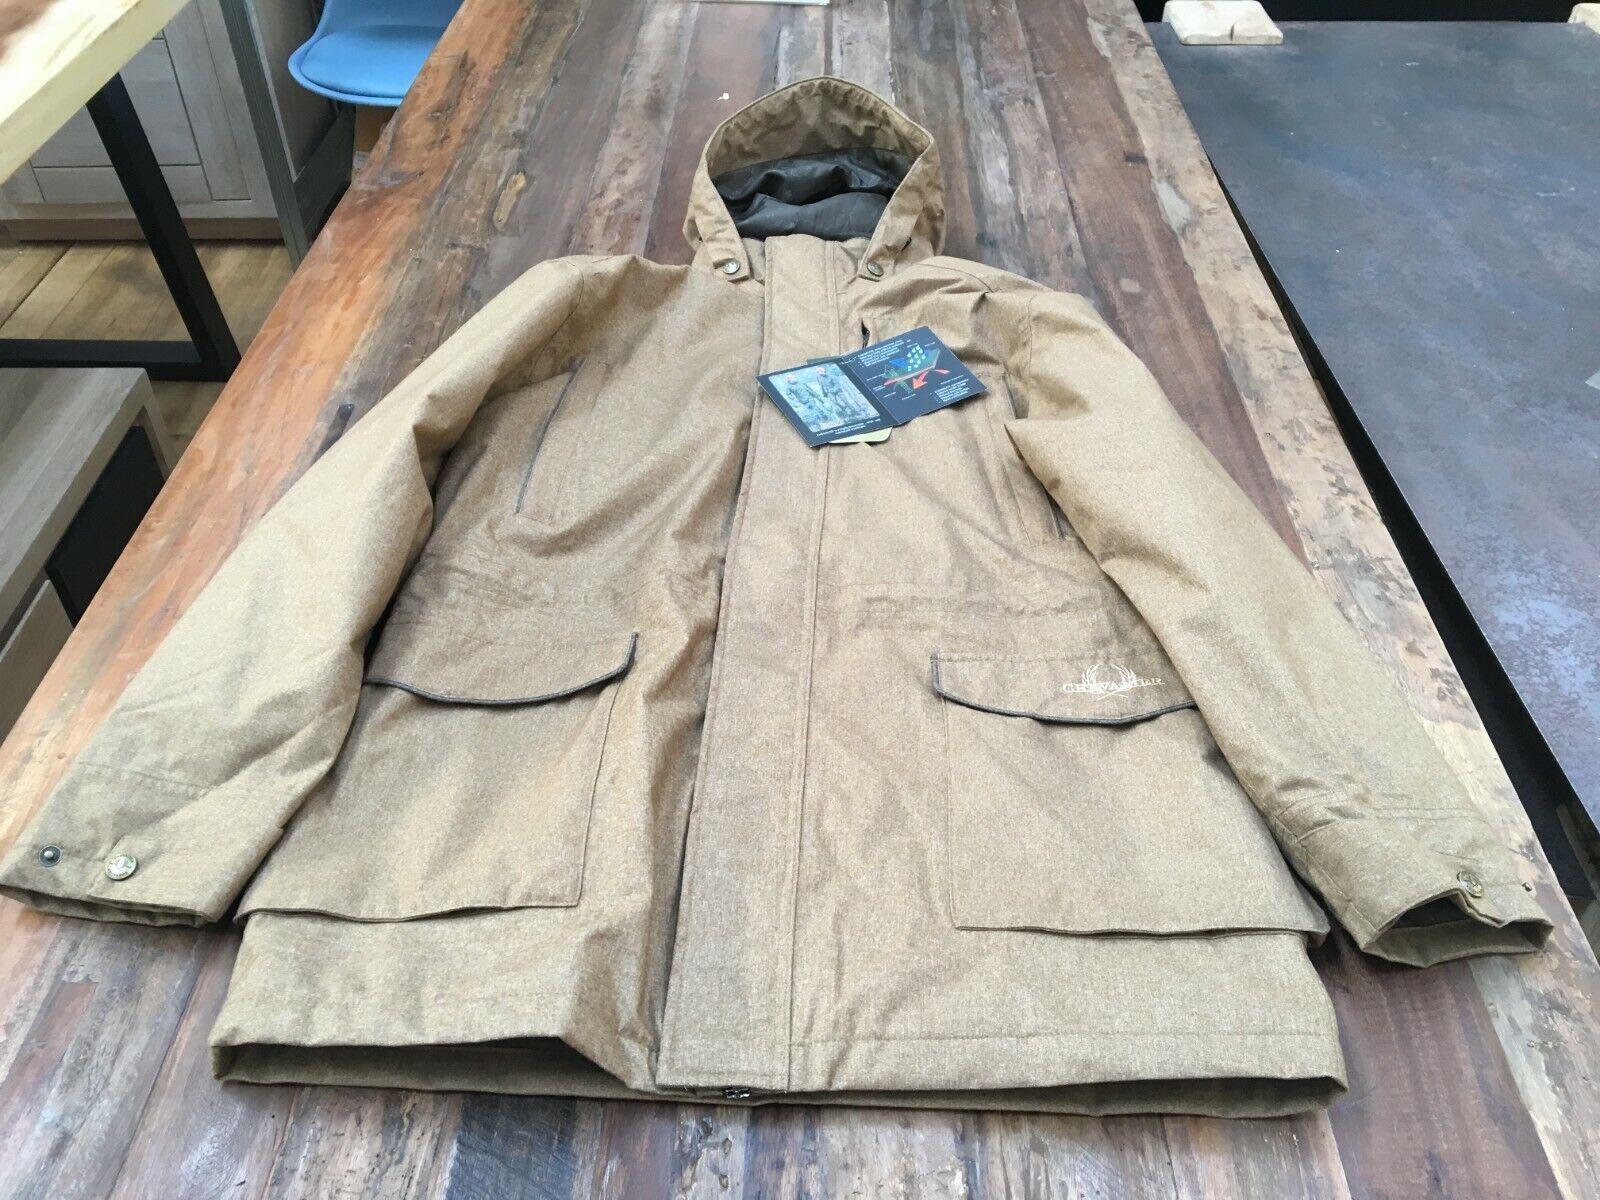 Manteau de chasse homme Chevalier Waterfowl chevalite LP Coat 3981B Talla XL